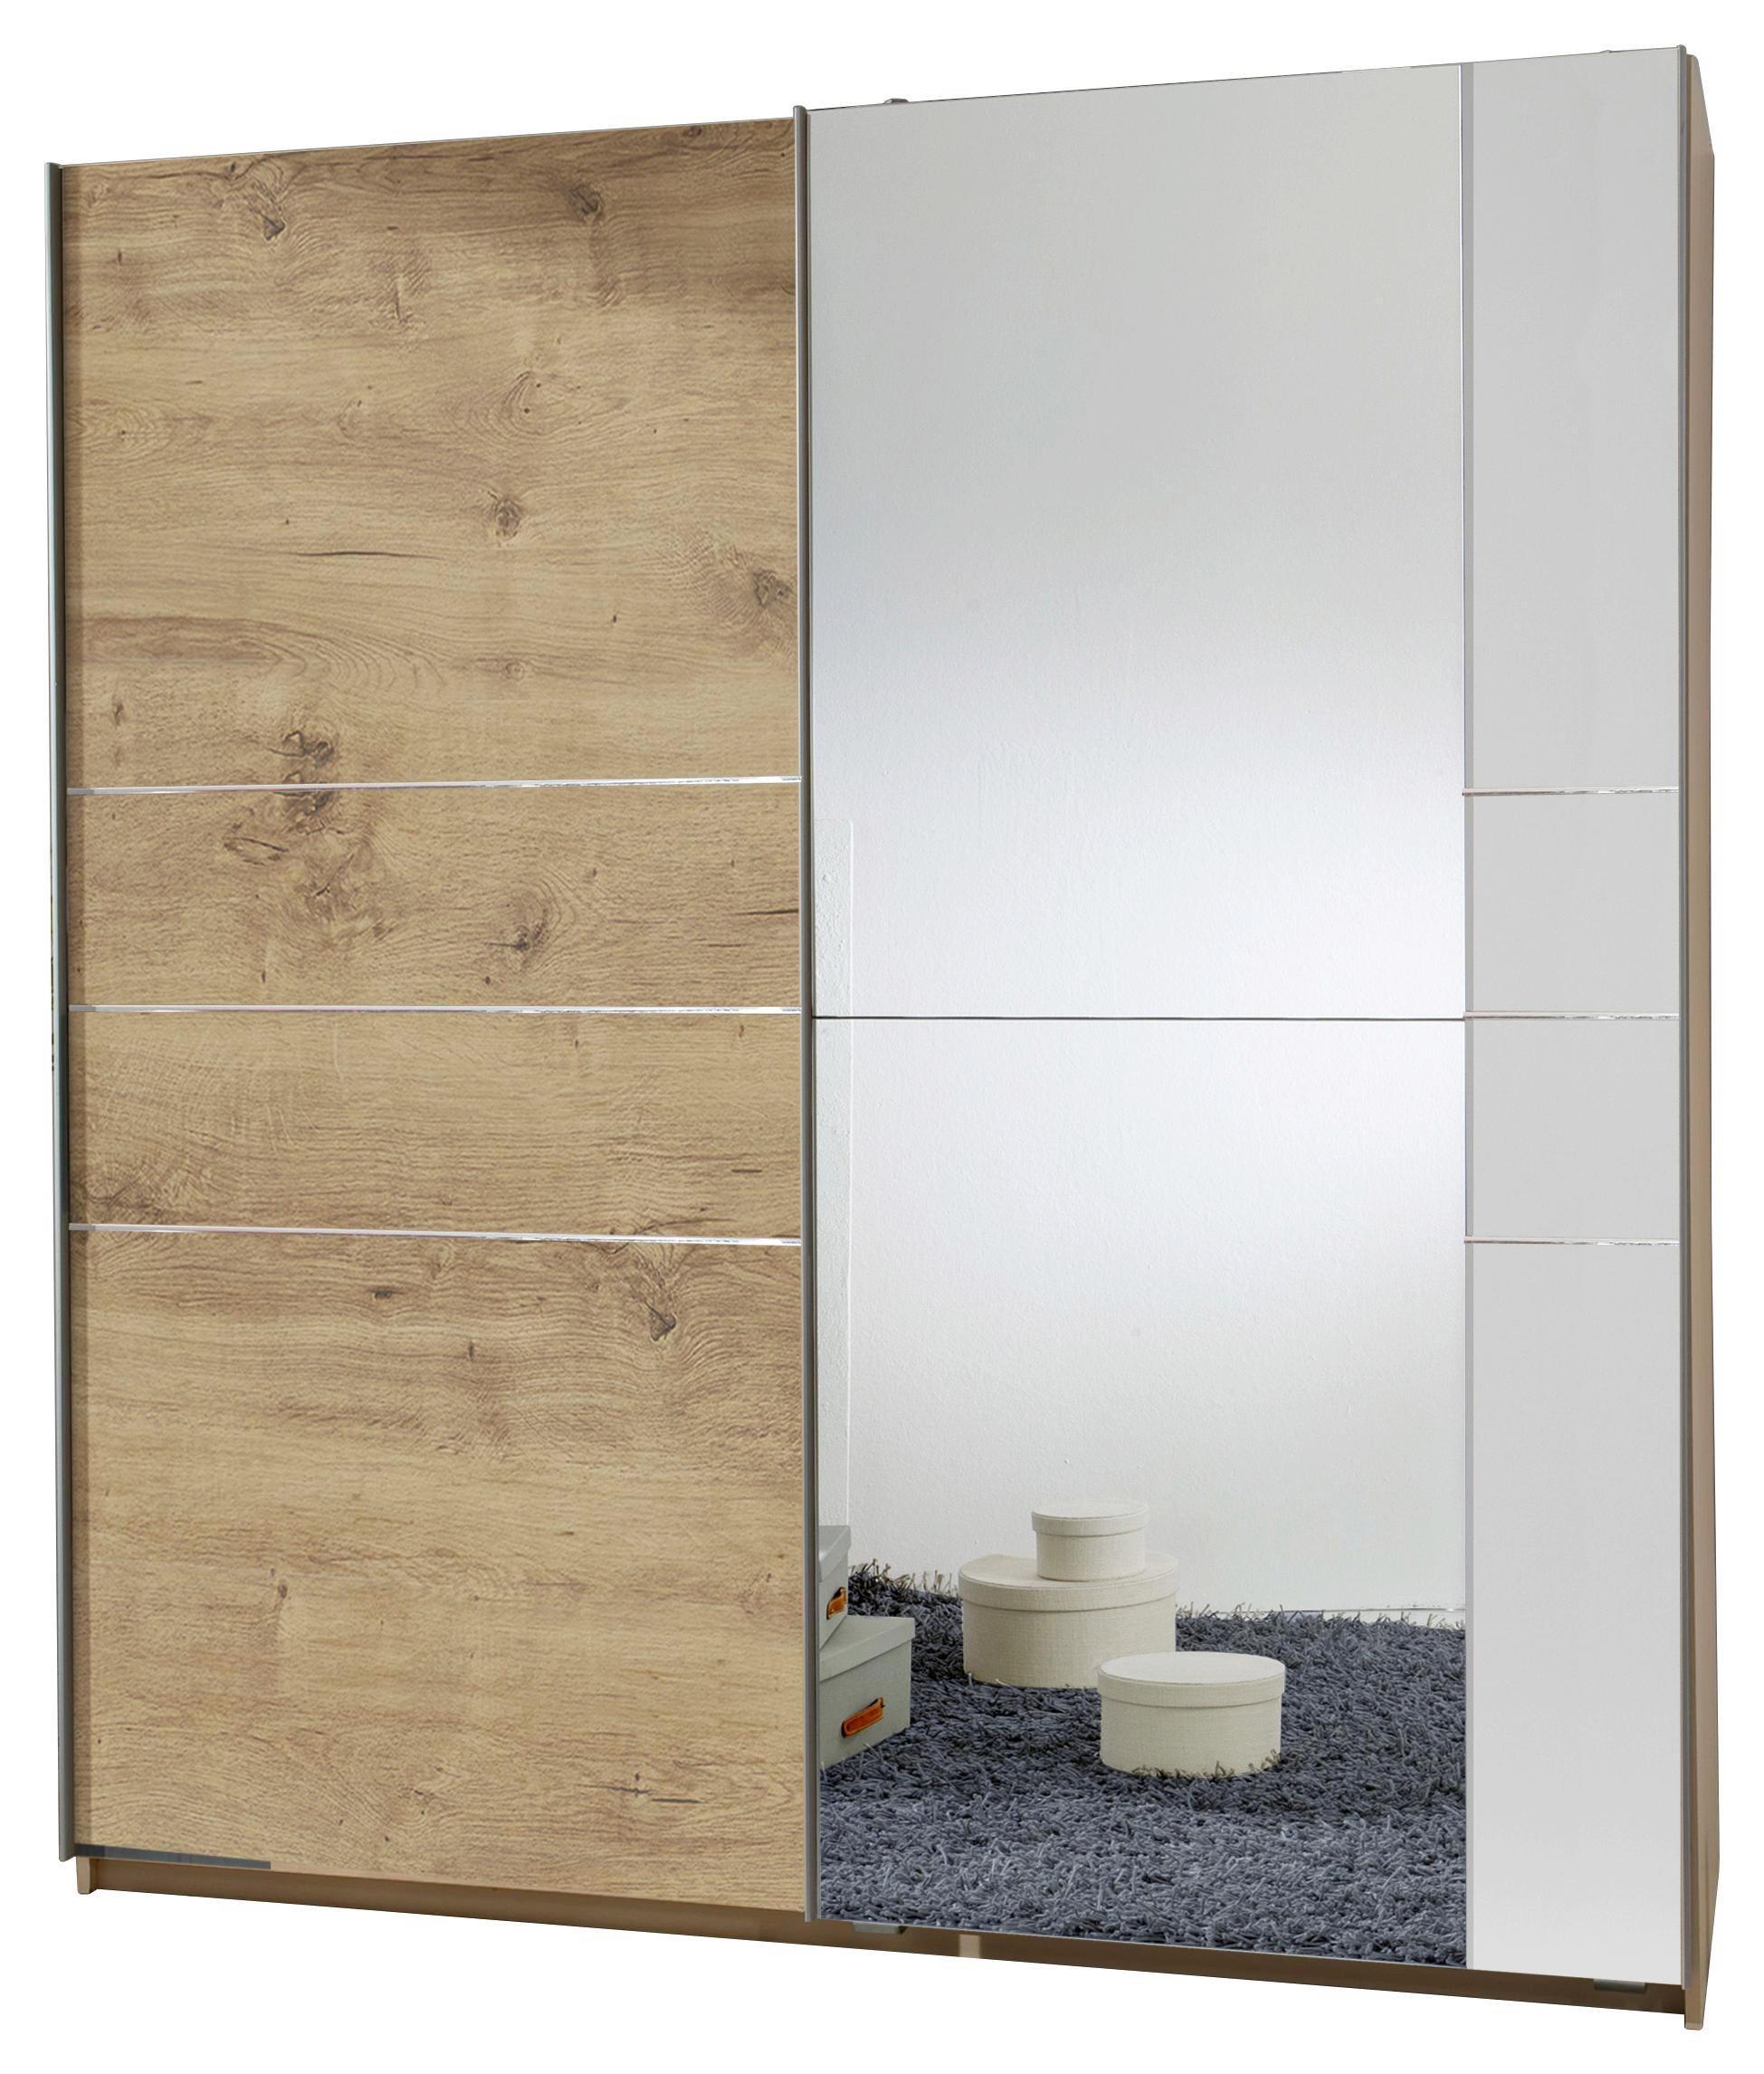 SCHWEBETÜRENSCHRANK 2  -türig Eichefarben, Weiß - Eichefarben/Alufarben, MODERN, Holzwerkstoff/Metall (180/198/64cm) - CARRYHOME